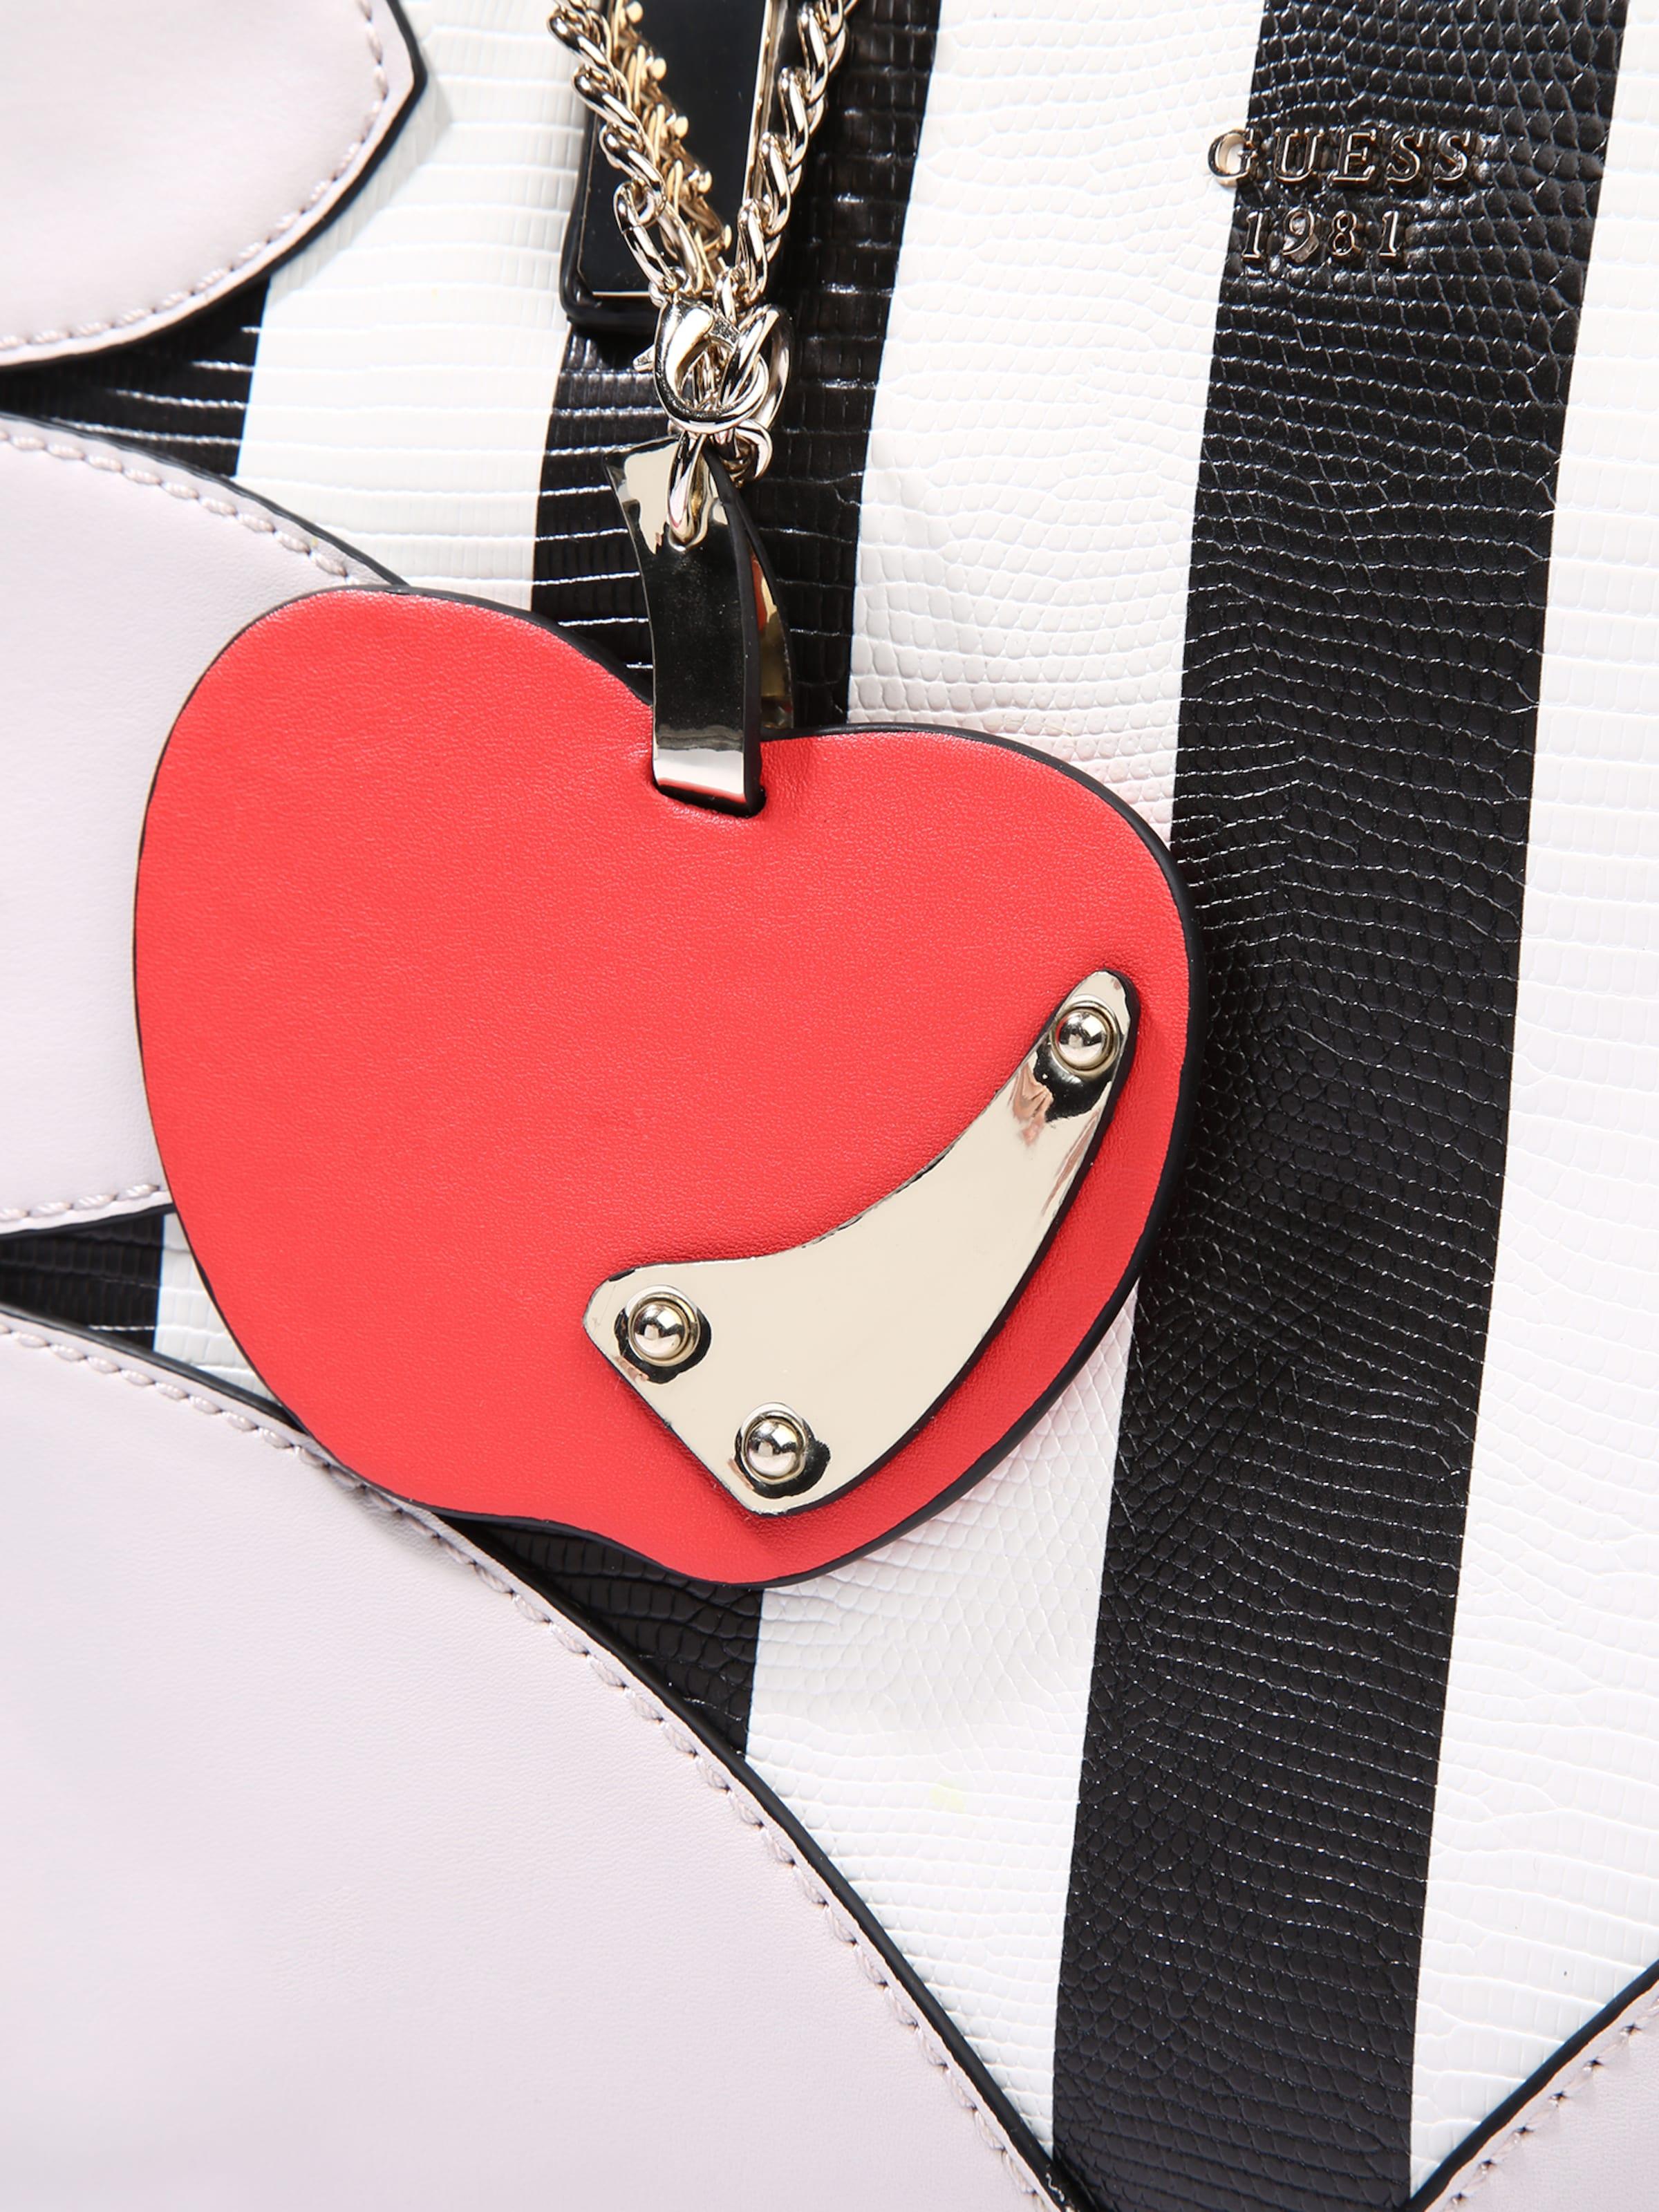 GUESS Handtasche 'FRUIT PUNCH SOCIETY' Meistverkauft Sehr Billig Günstig Online Online Einkaufen yDDC7oi6X